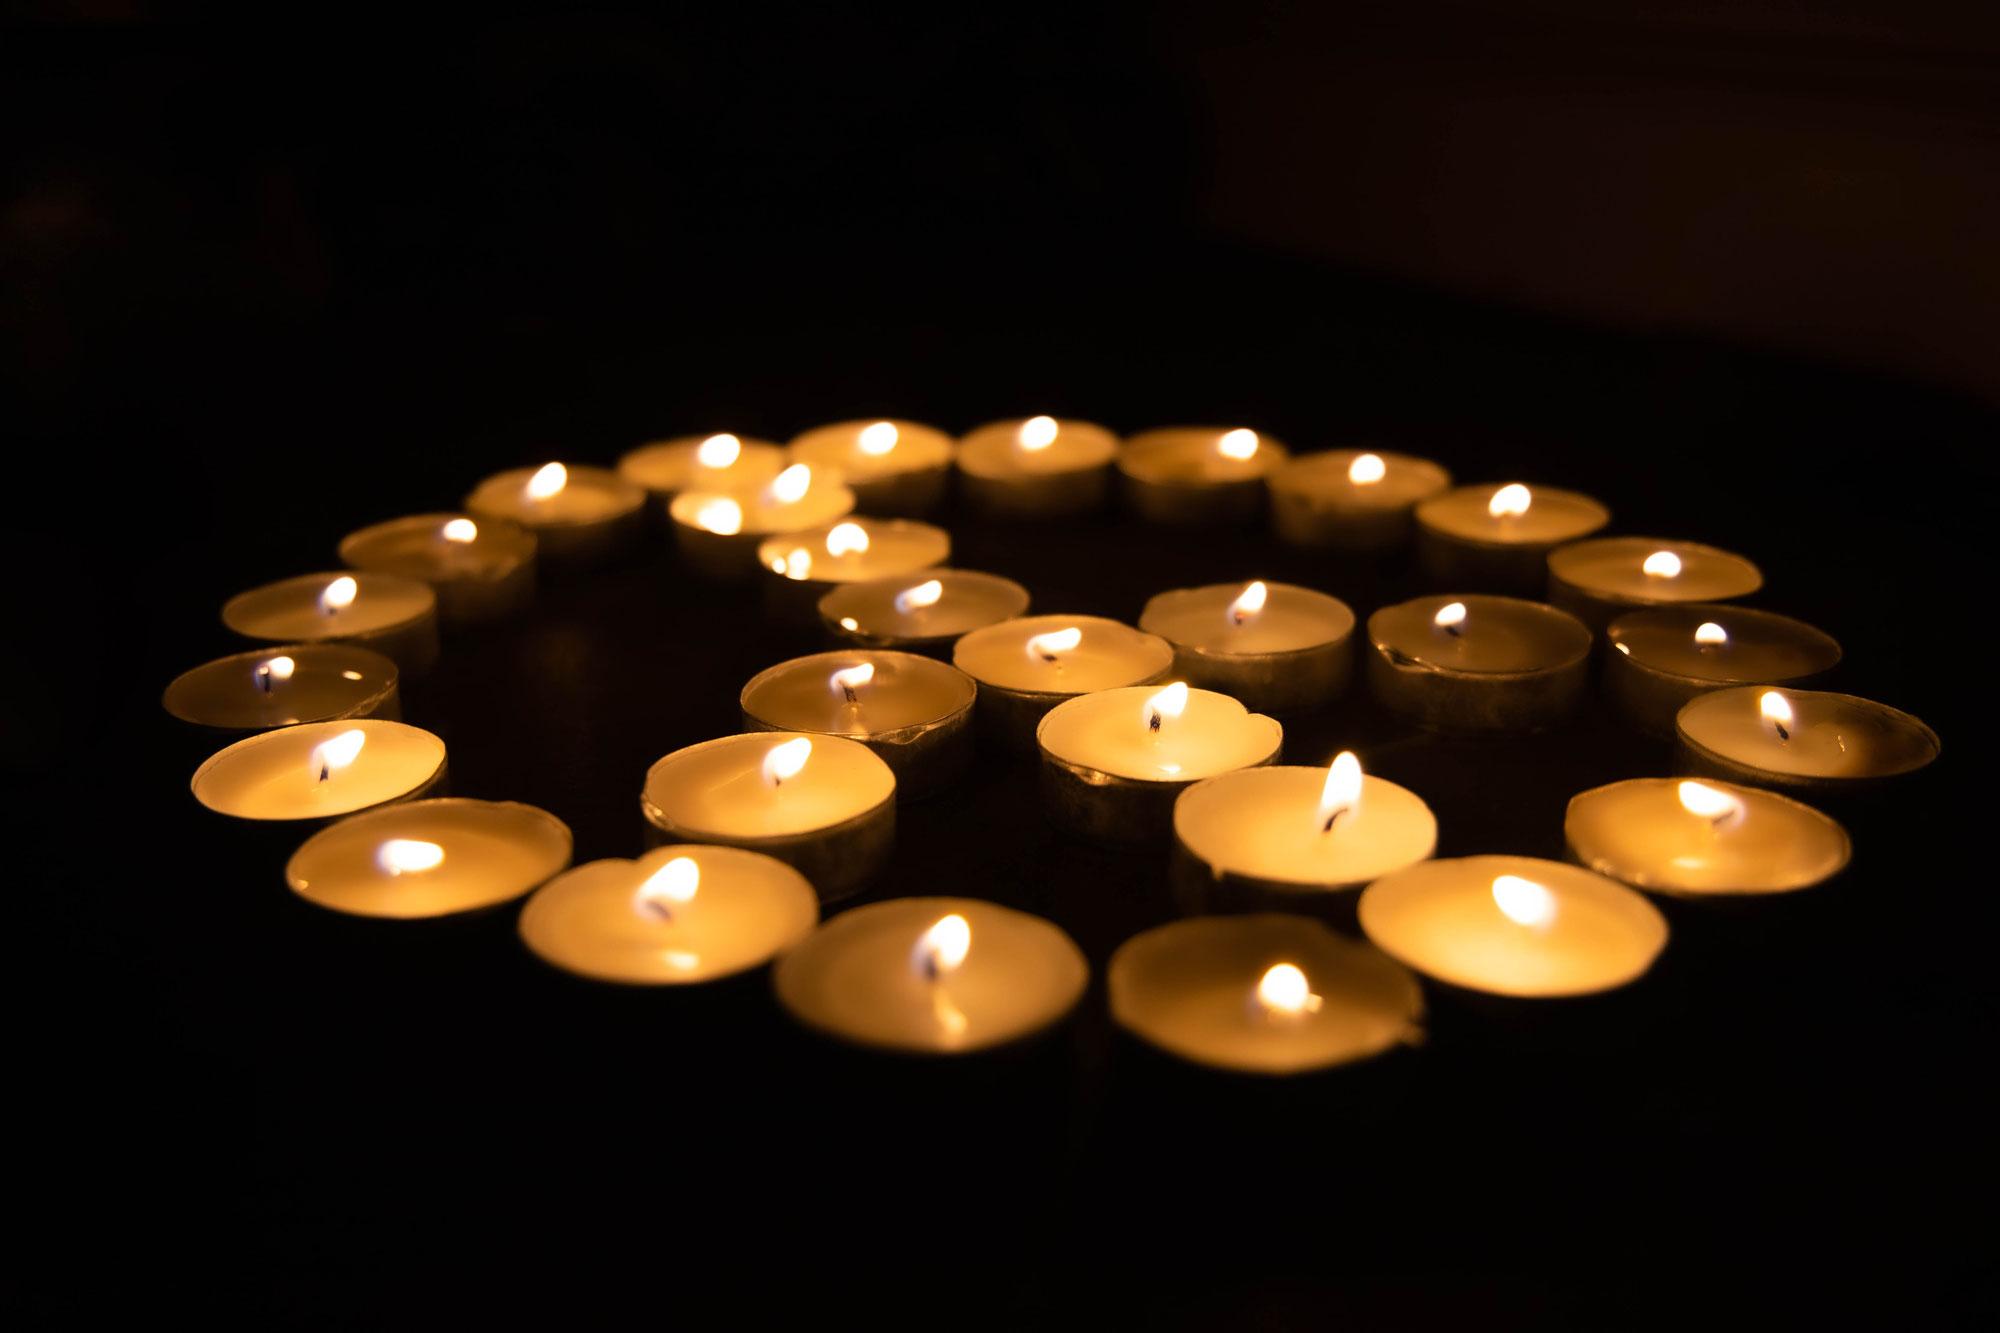 Comment la sophrologie peut-elle aider à surmonter un deuil?